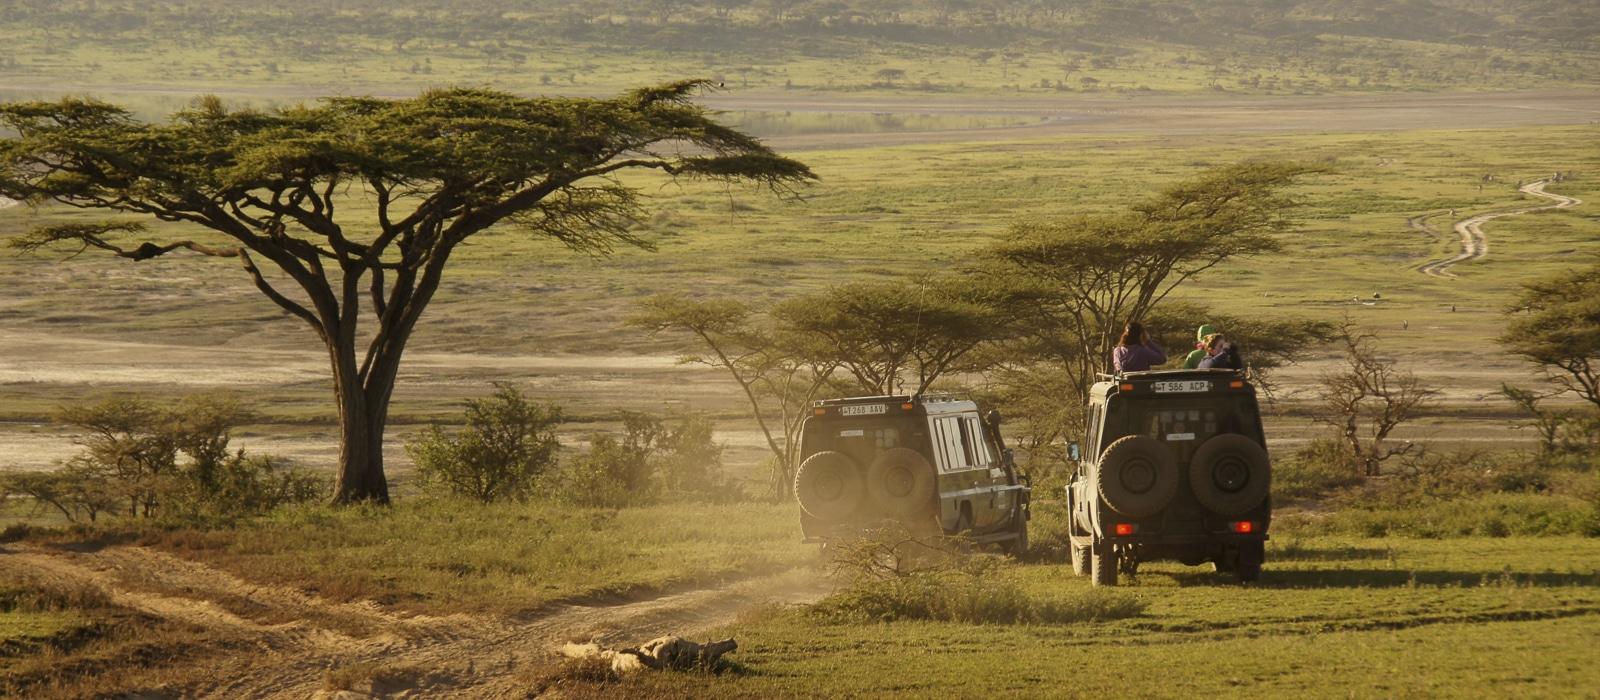 img-diapo-entete - Tanzanie-1600x700-13.jpg